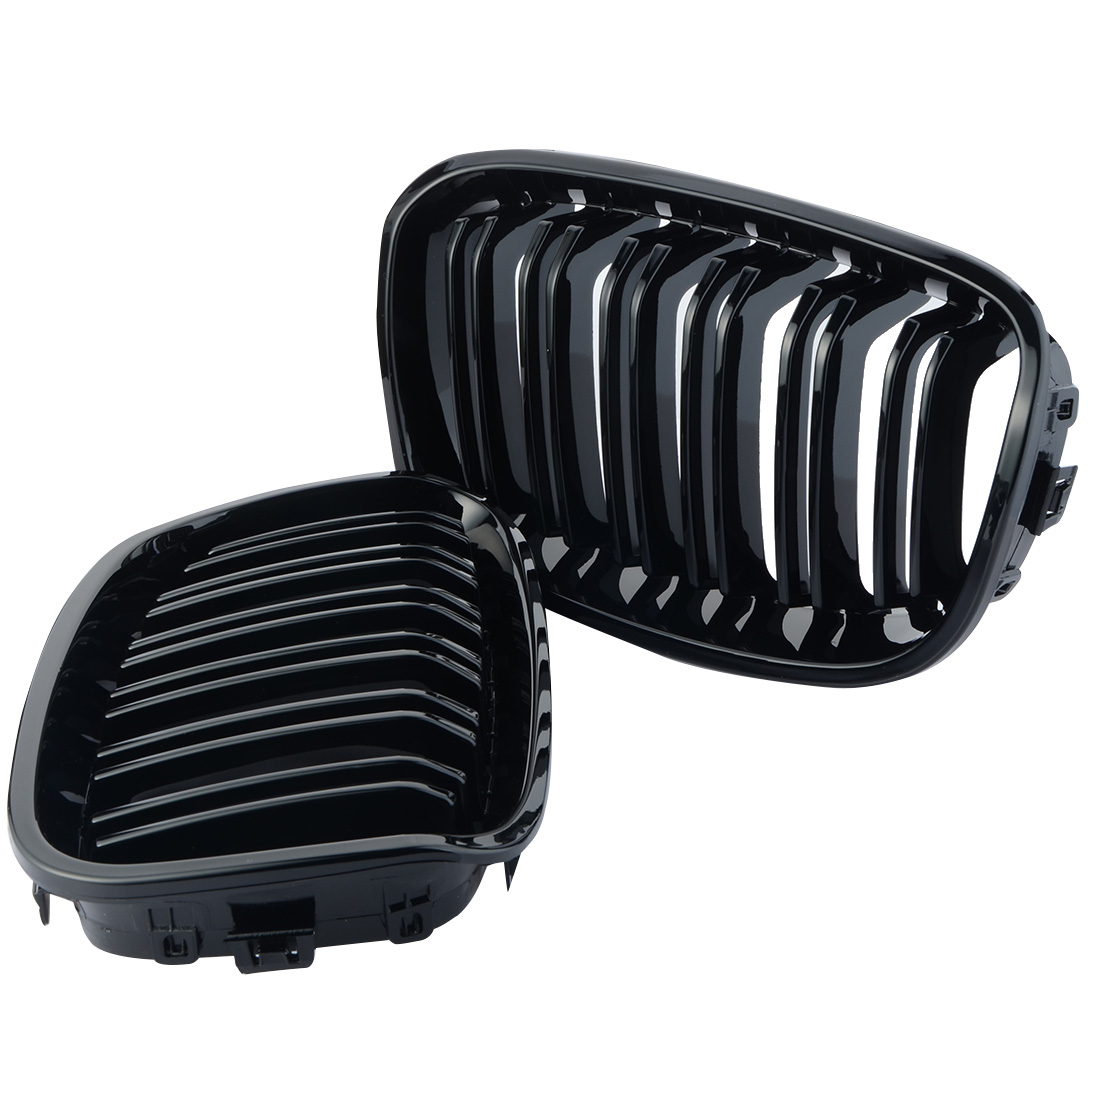 1 Pair Auto Stile di Una Coppia Anteriore Gloss Black Racing Griglie Per BMW F20 2011-2014 Vendita Calda